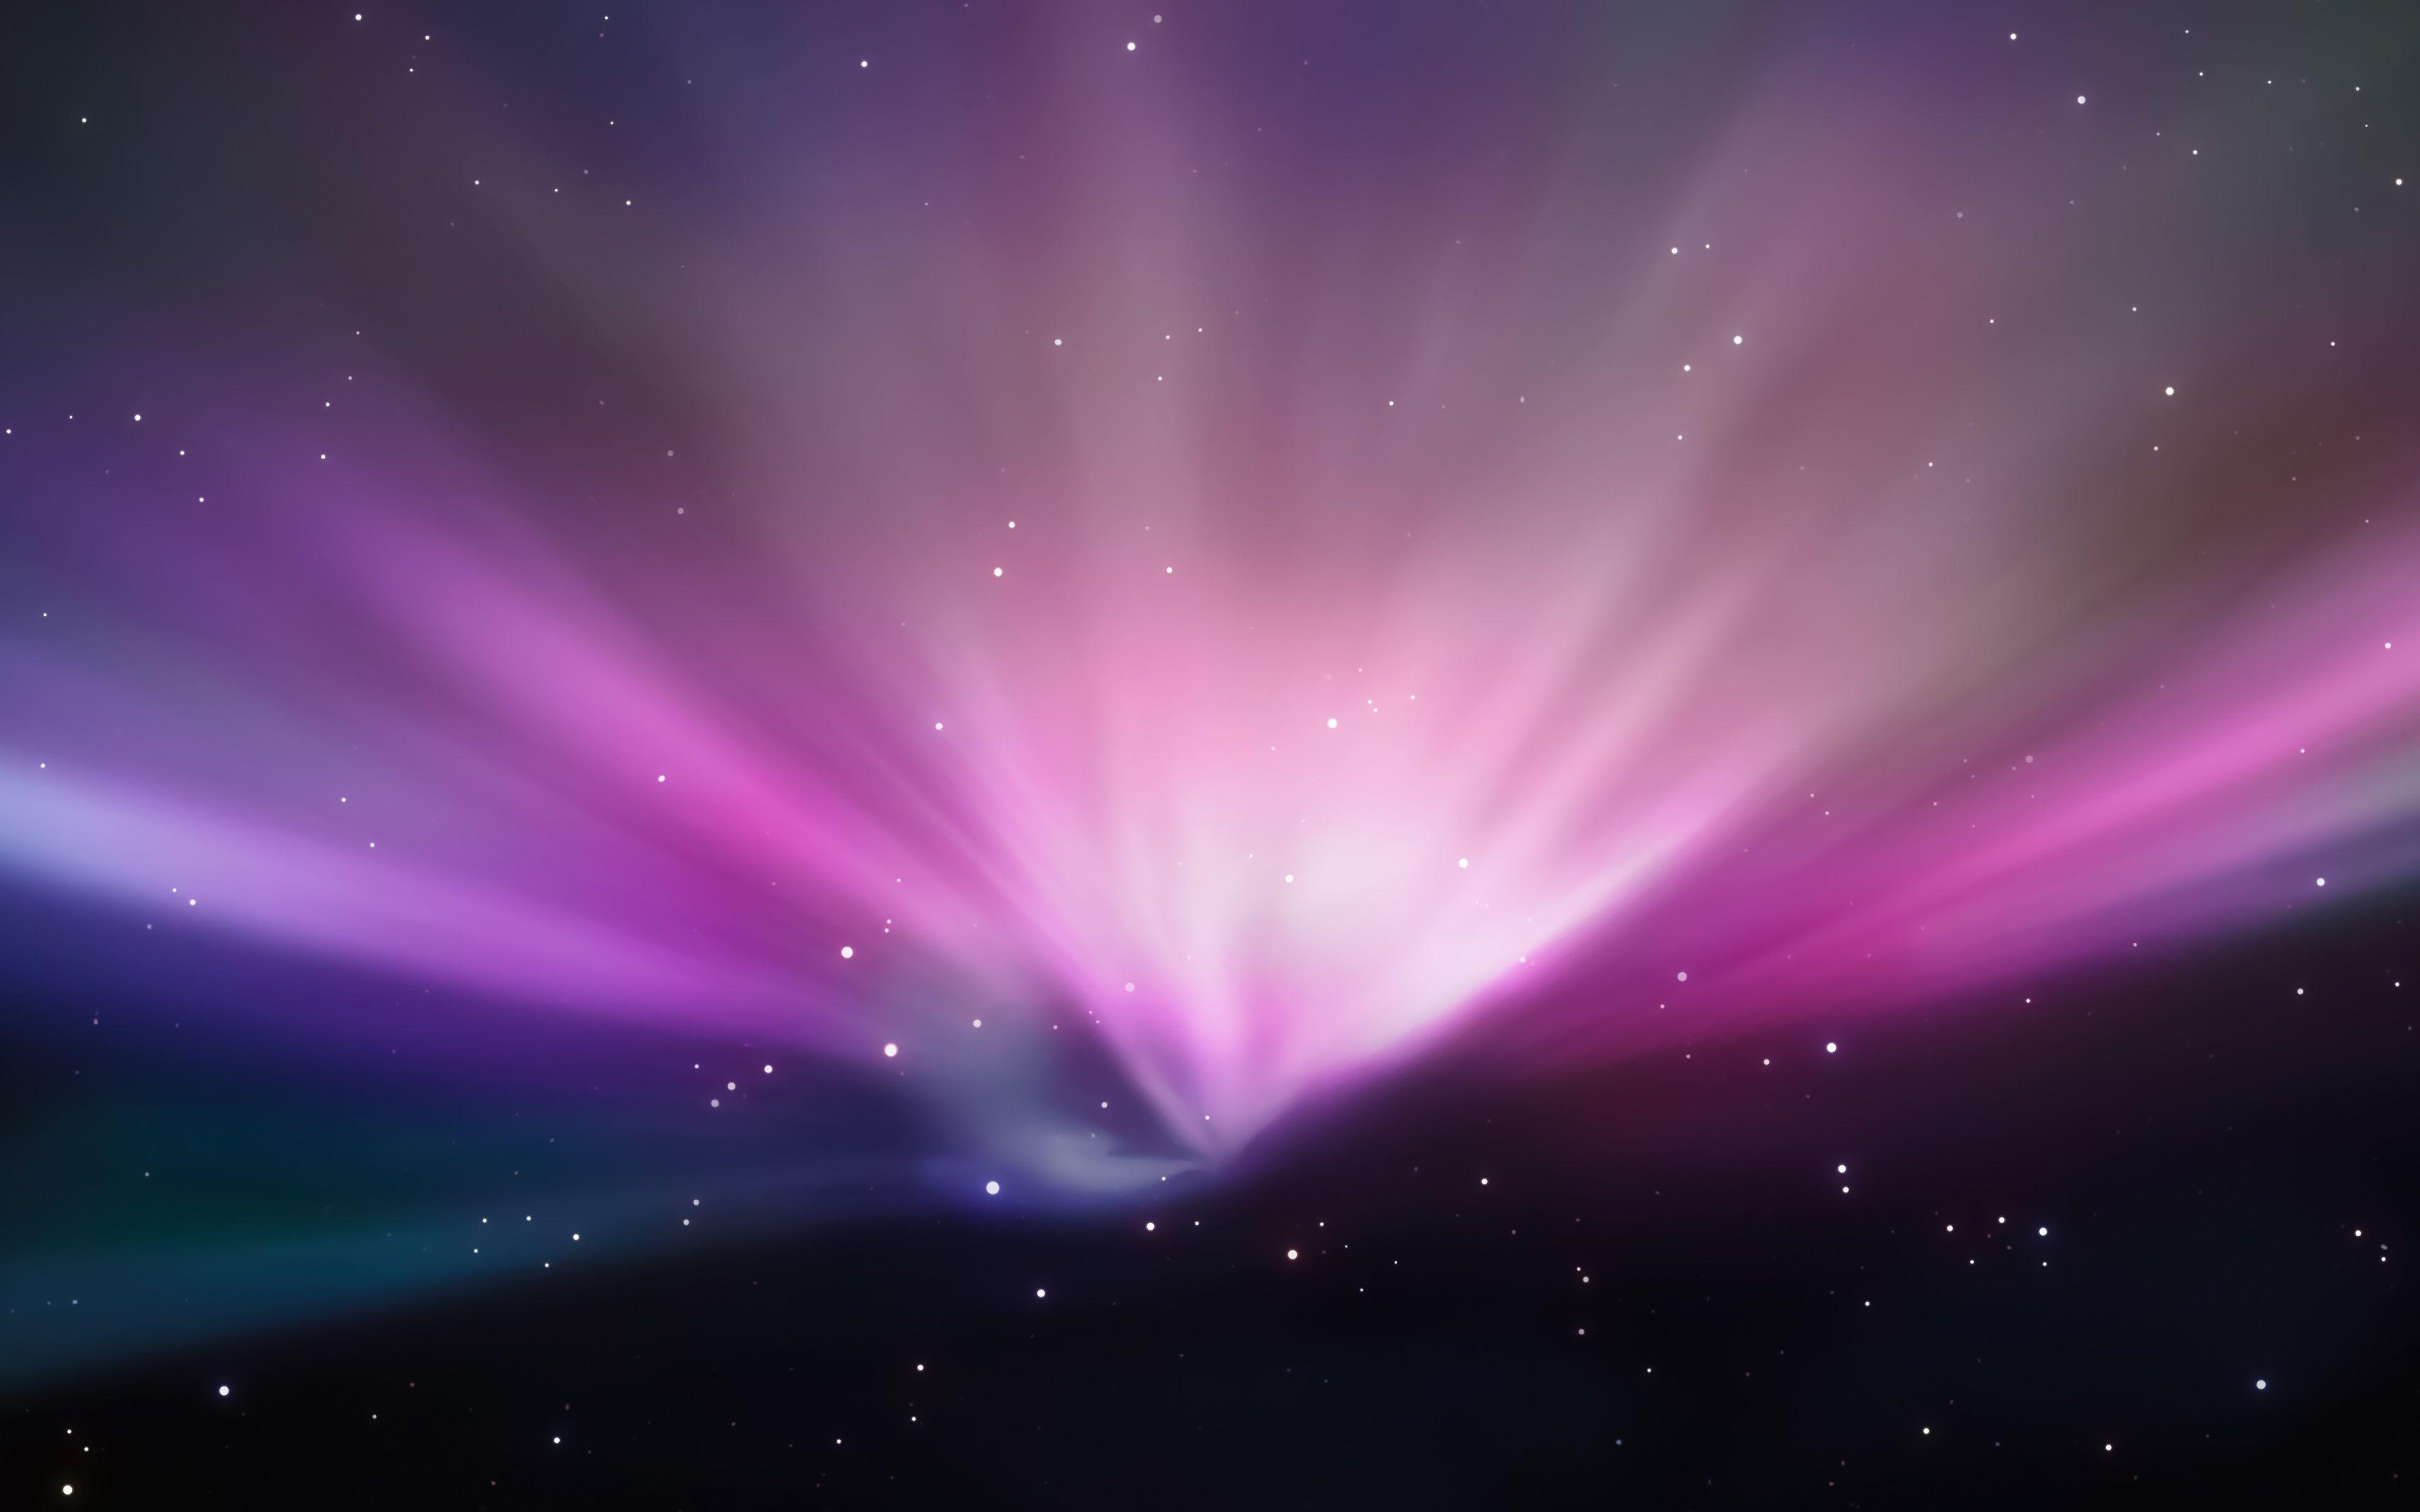 3840x2400 aurora 4k hd full screen wallpaper Mac